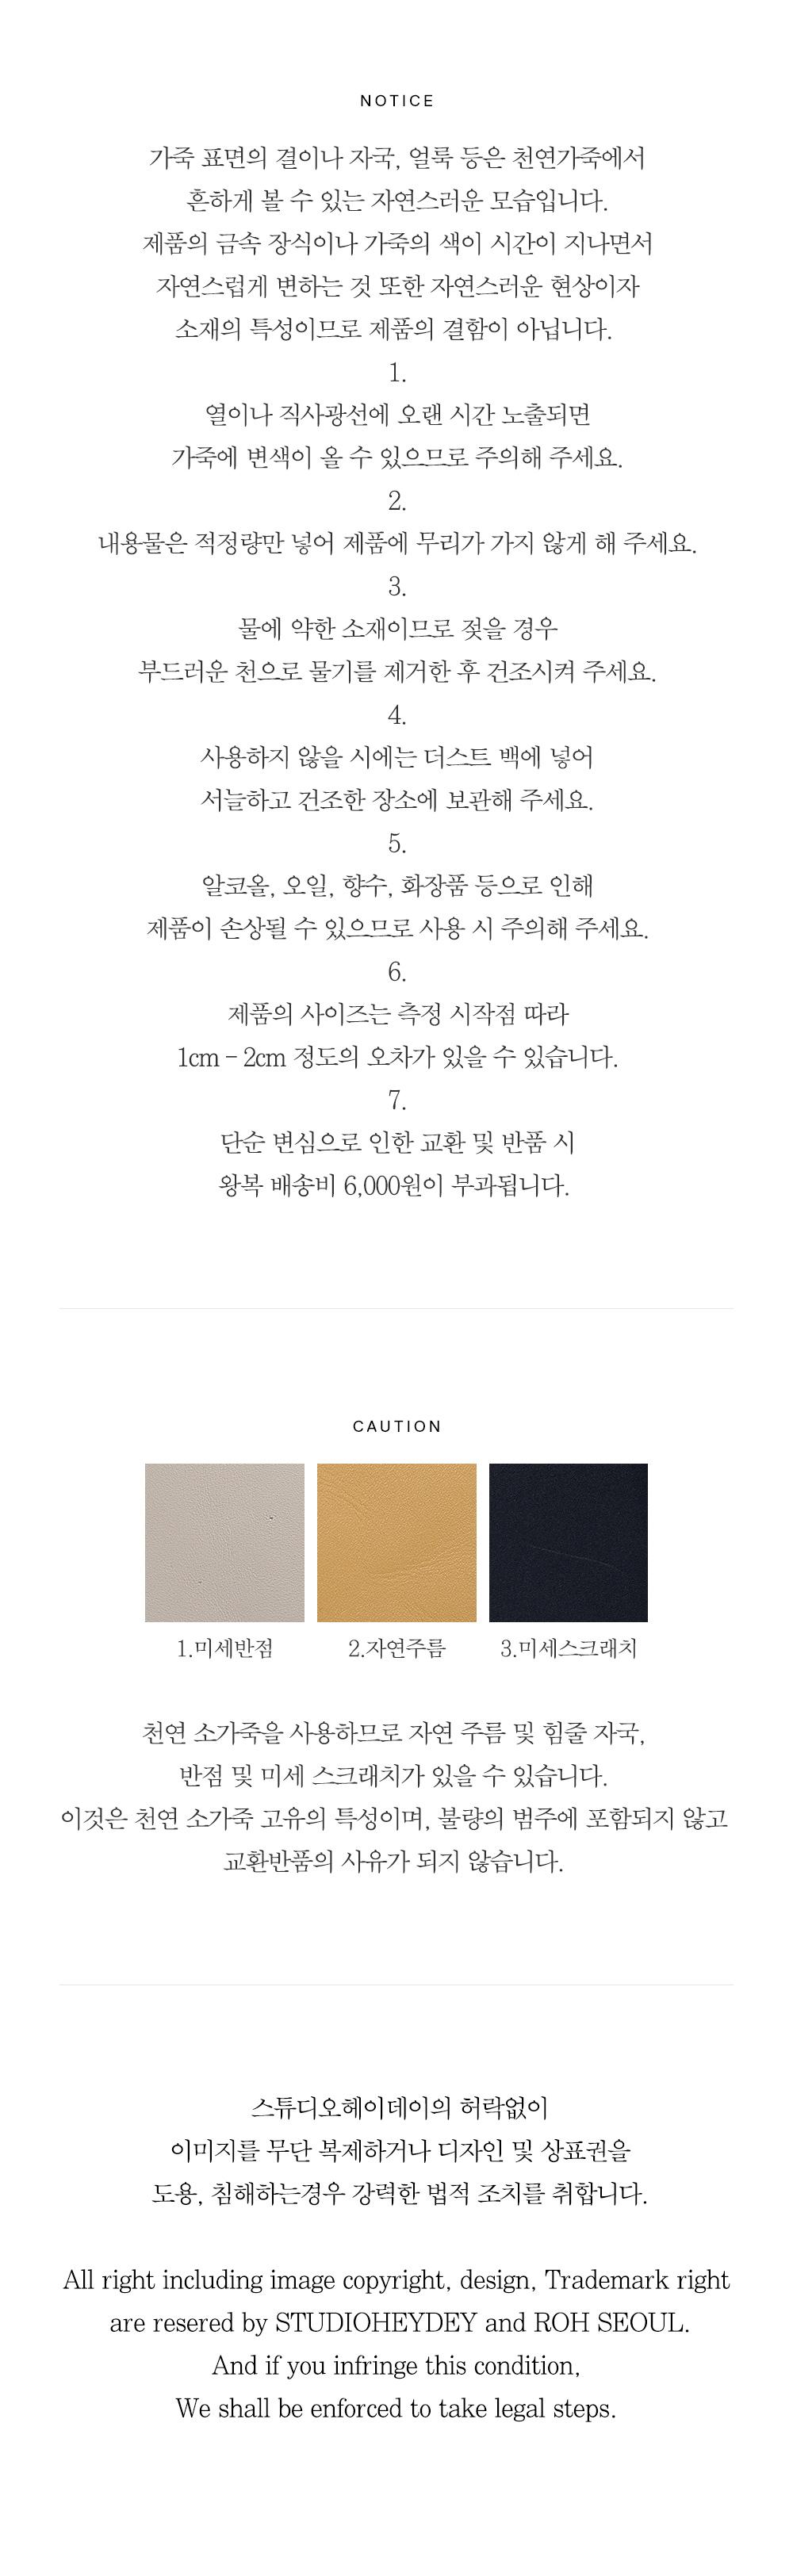 로서울(ROH SEOUL) Uline medium crossbody bag Creamy tan